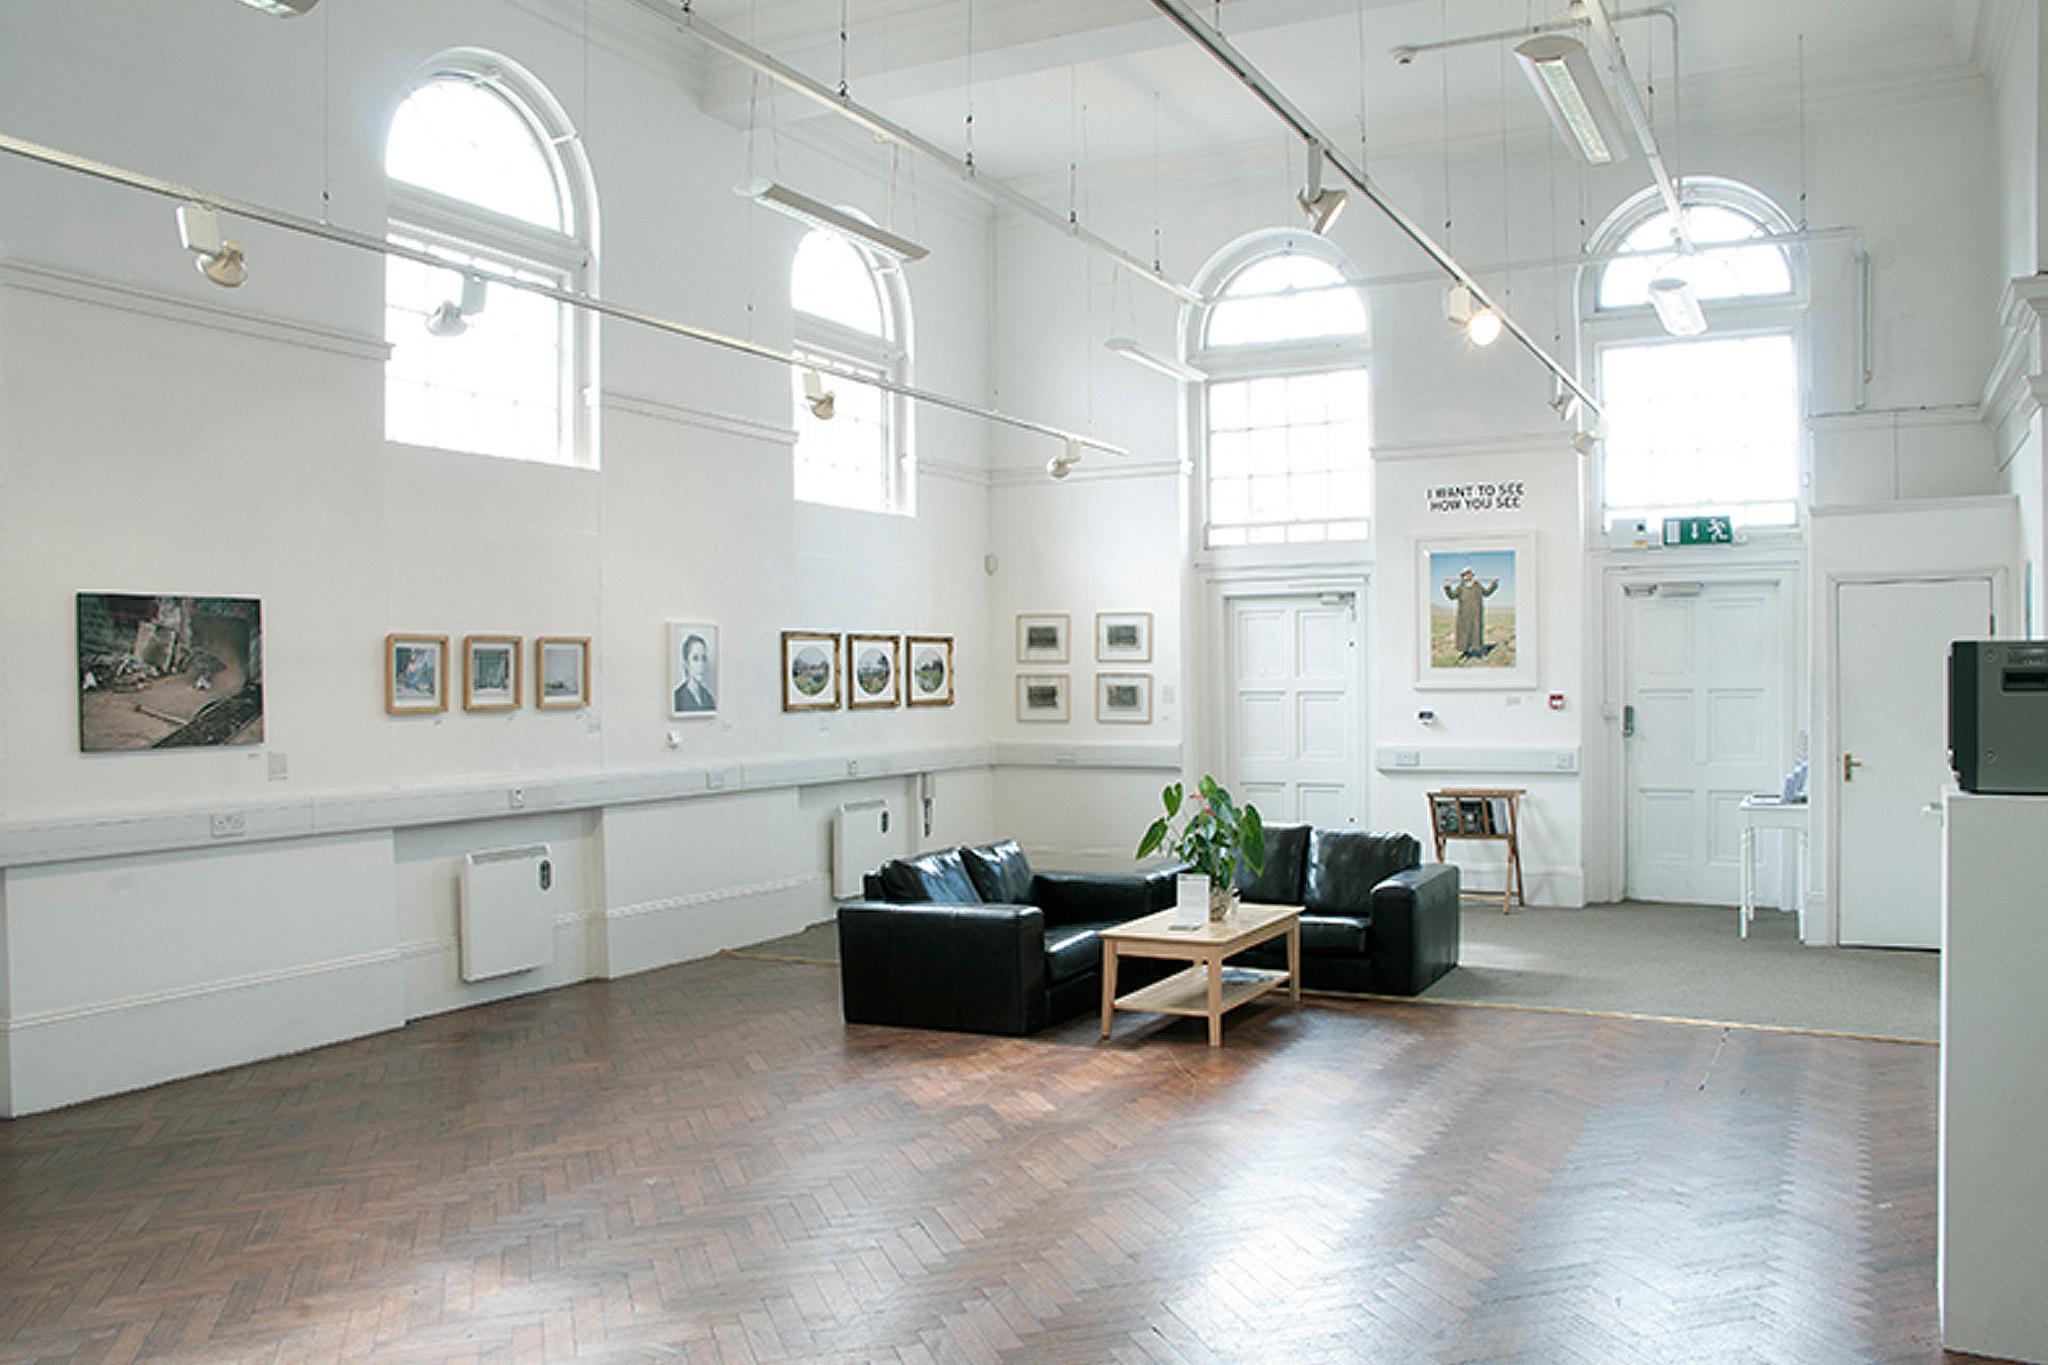 The Grant Bradley Gallery, Bristol